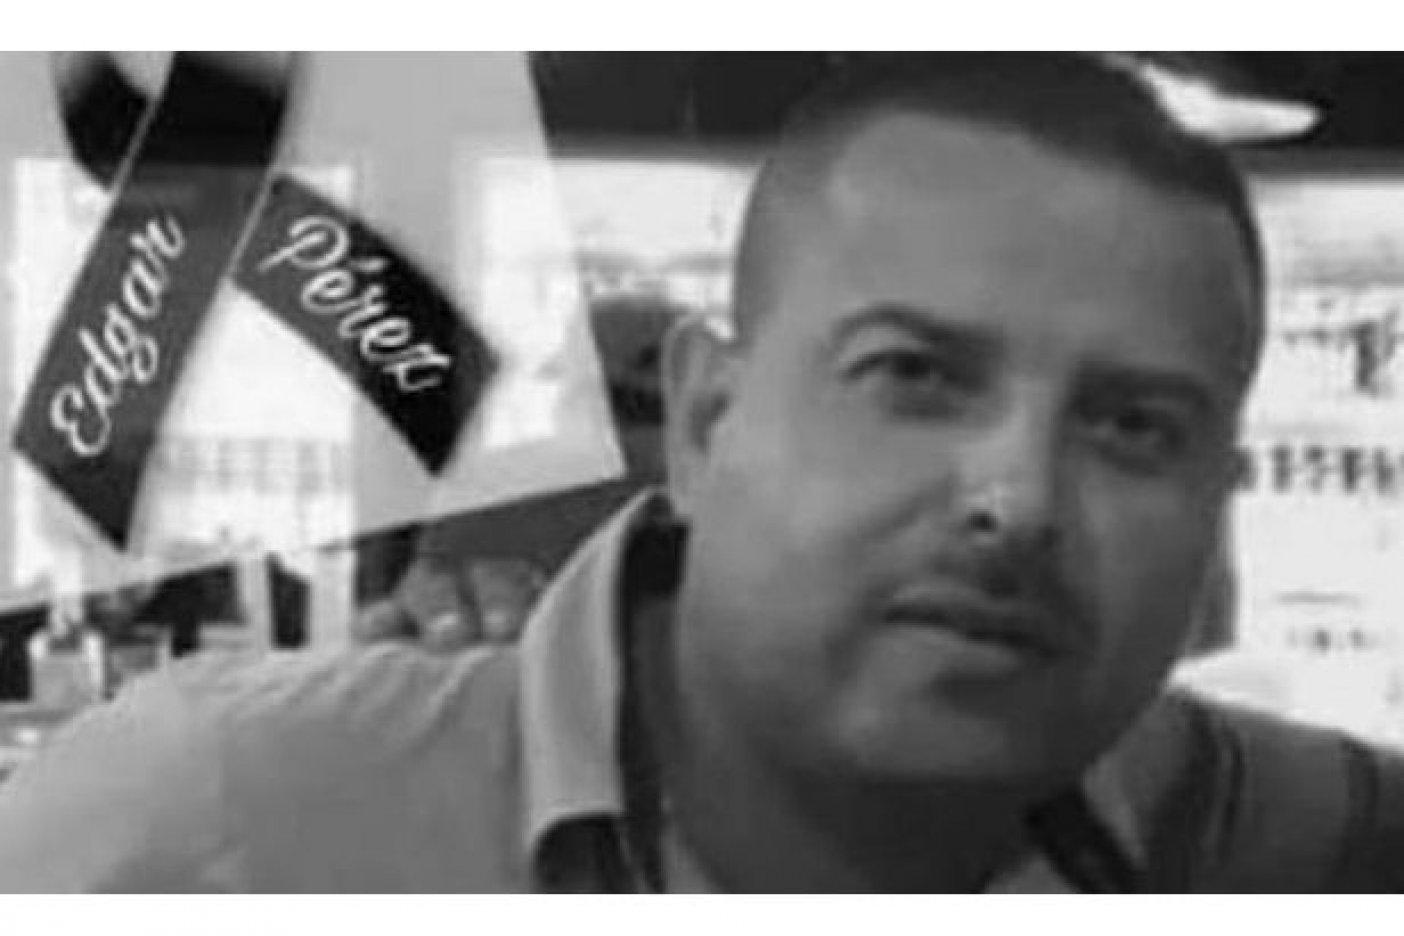 Difunden imagen de asesinos del jefe policíaco en Cuauhtémoc